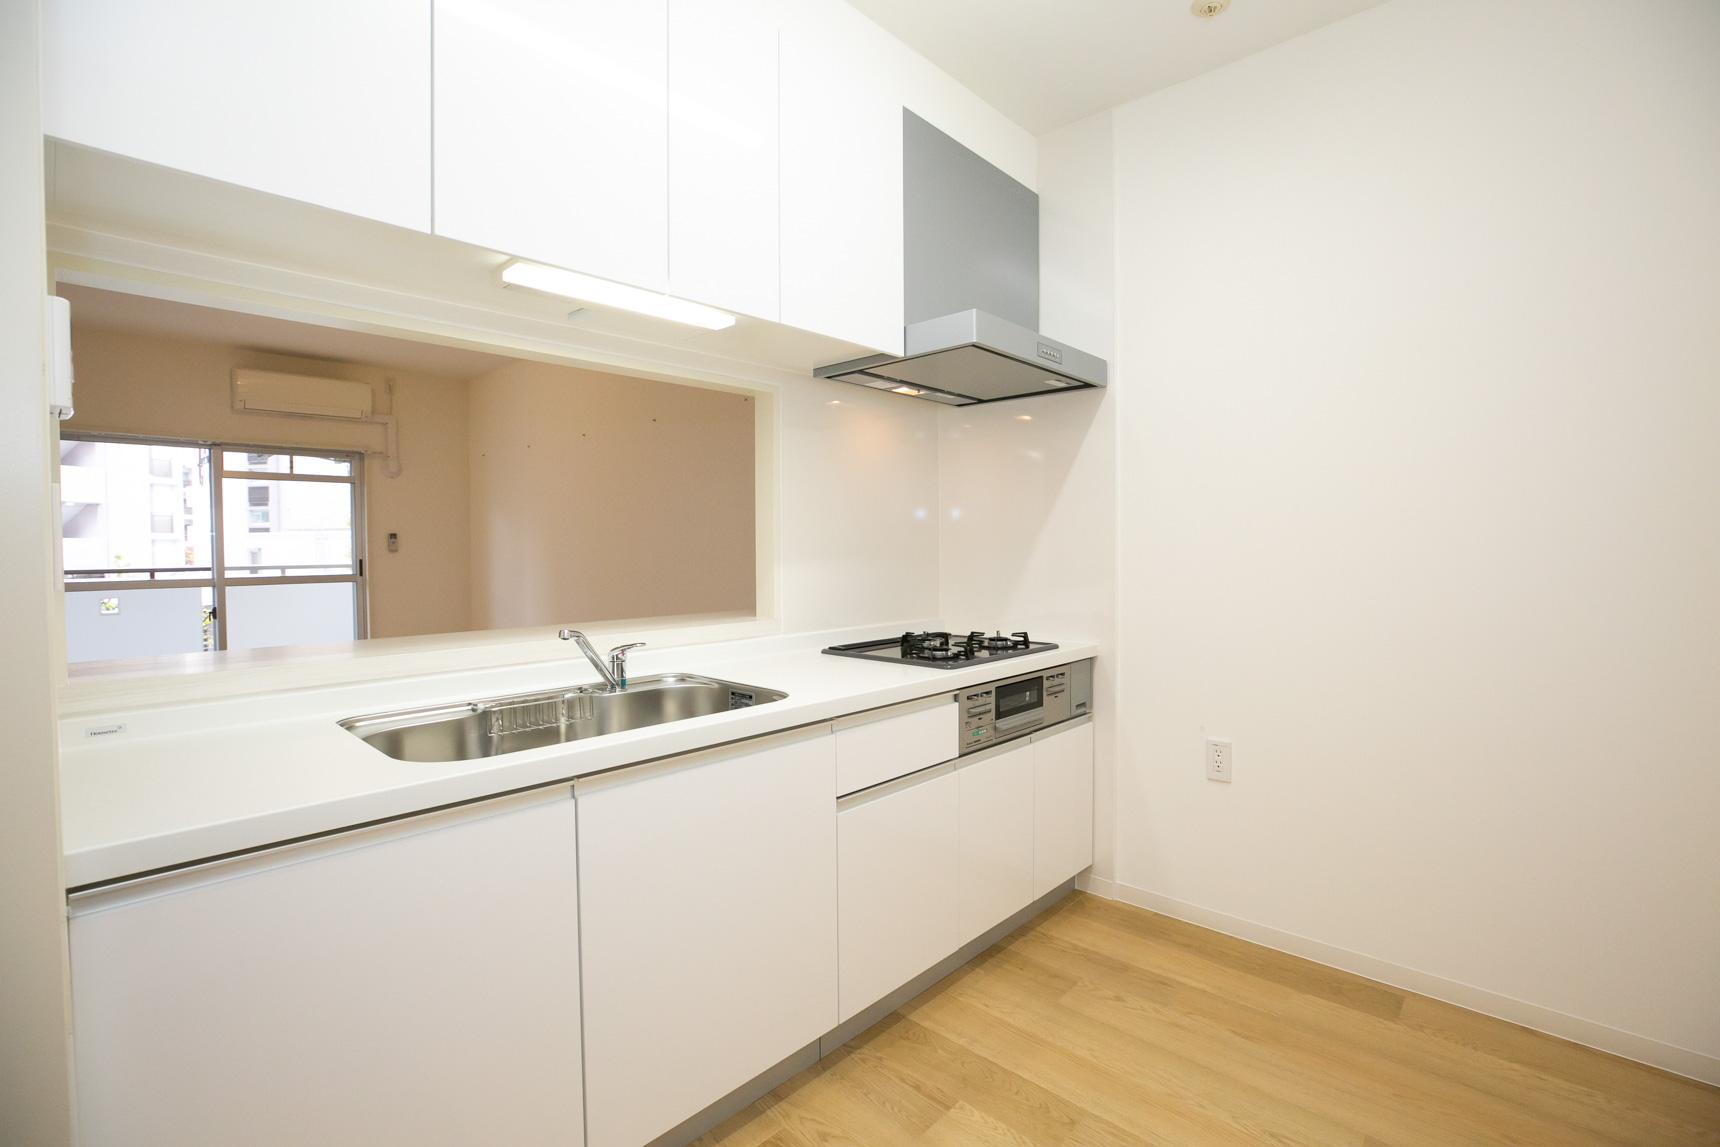 なんといっても、この贅沢なキッチンがポイントかな、と思いました。真っ白なデザインがいいですよね。